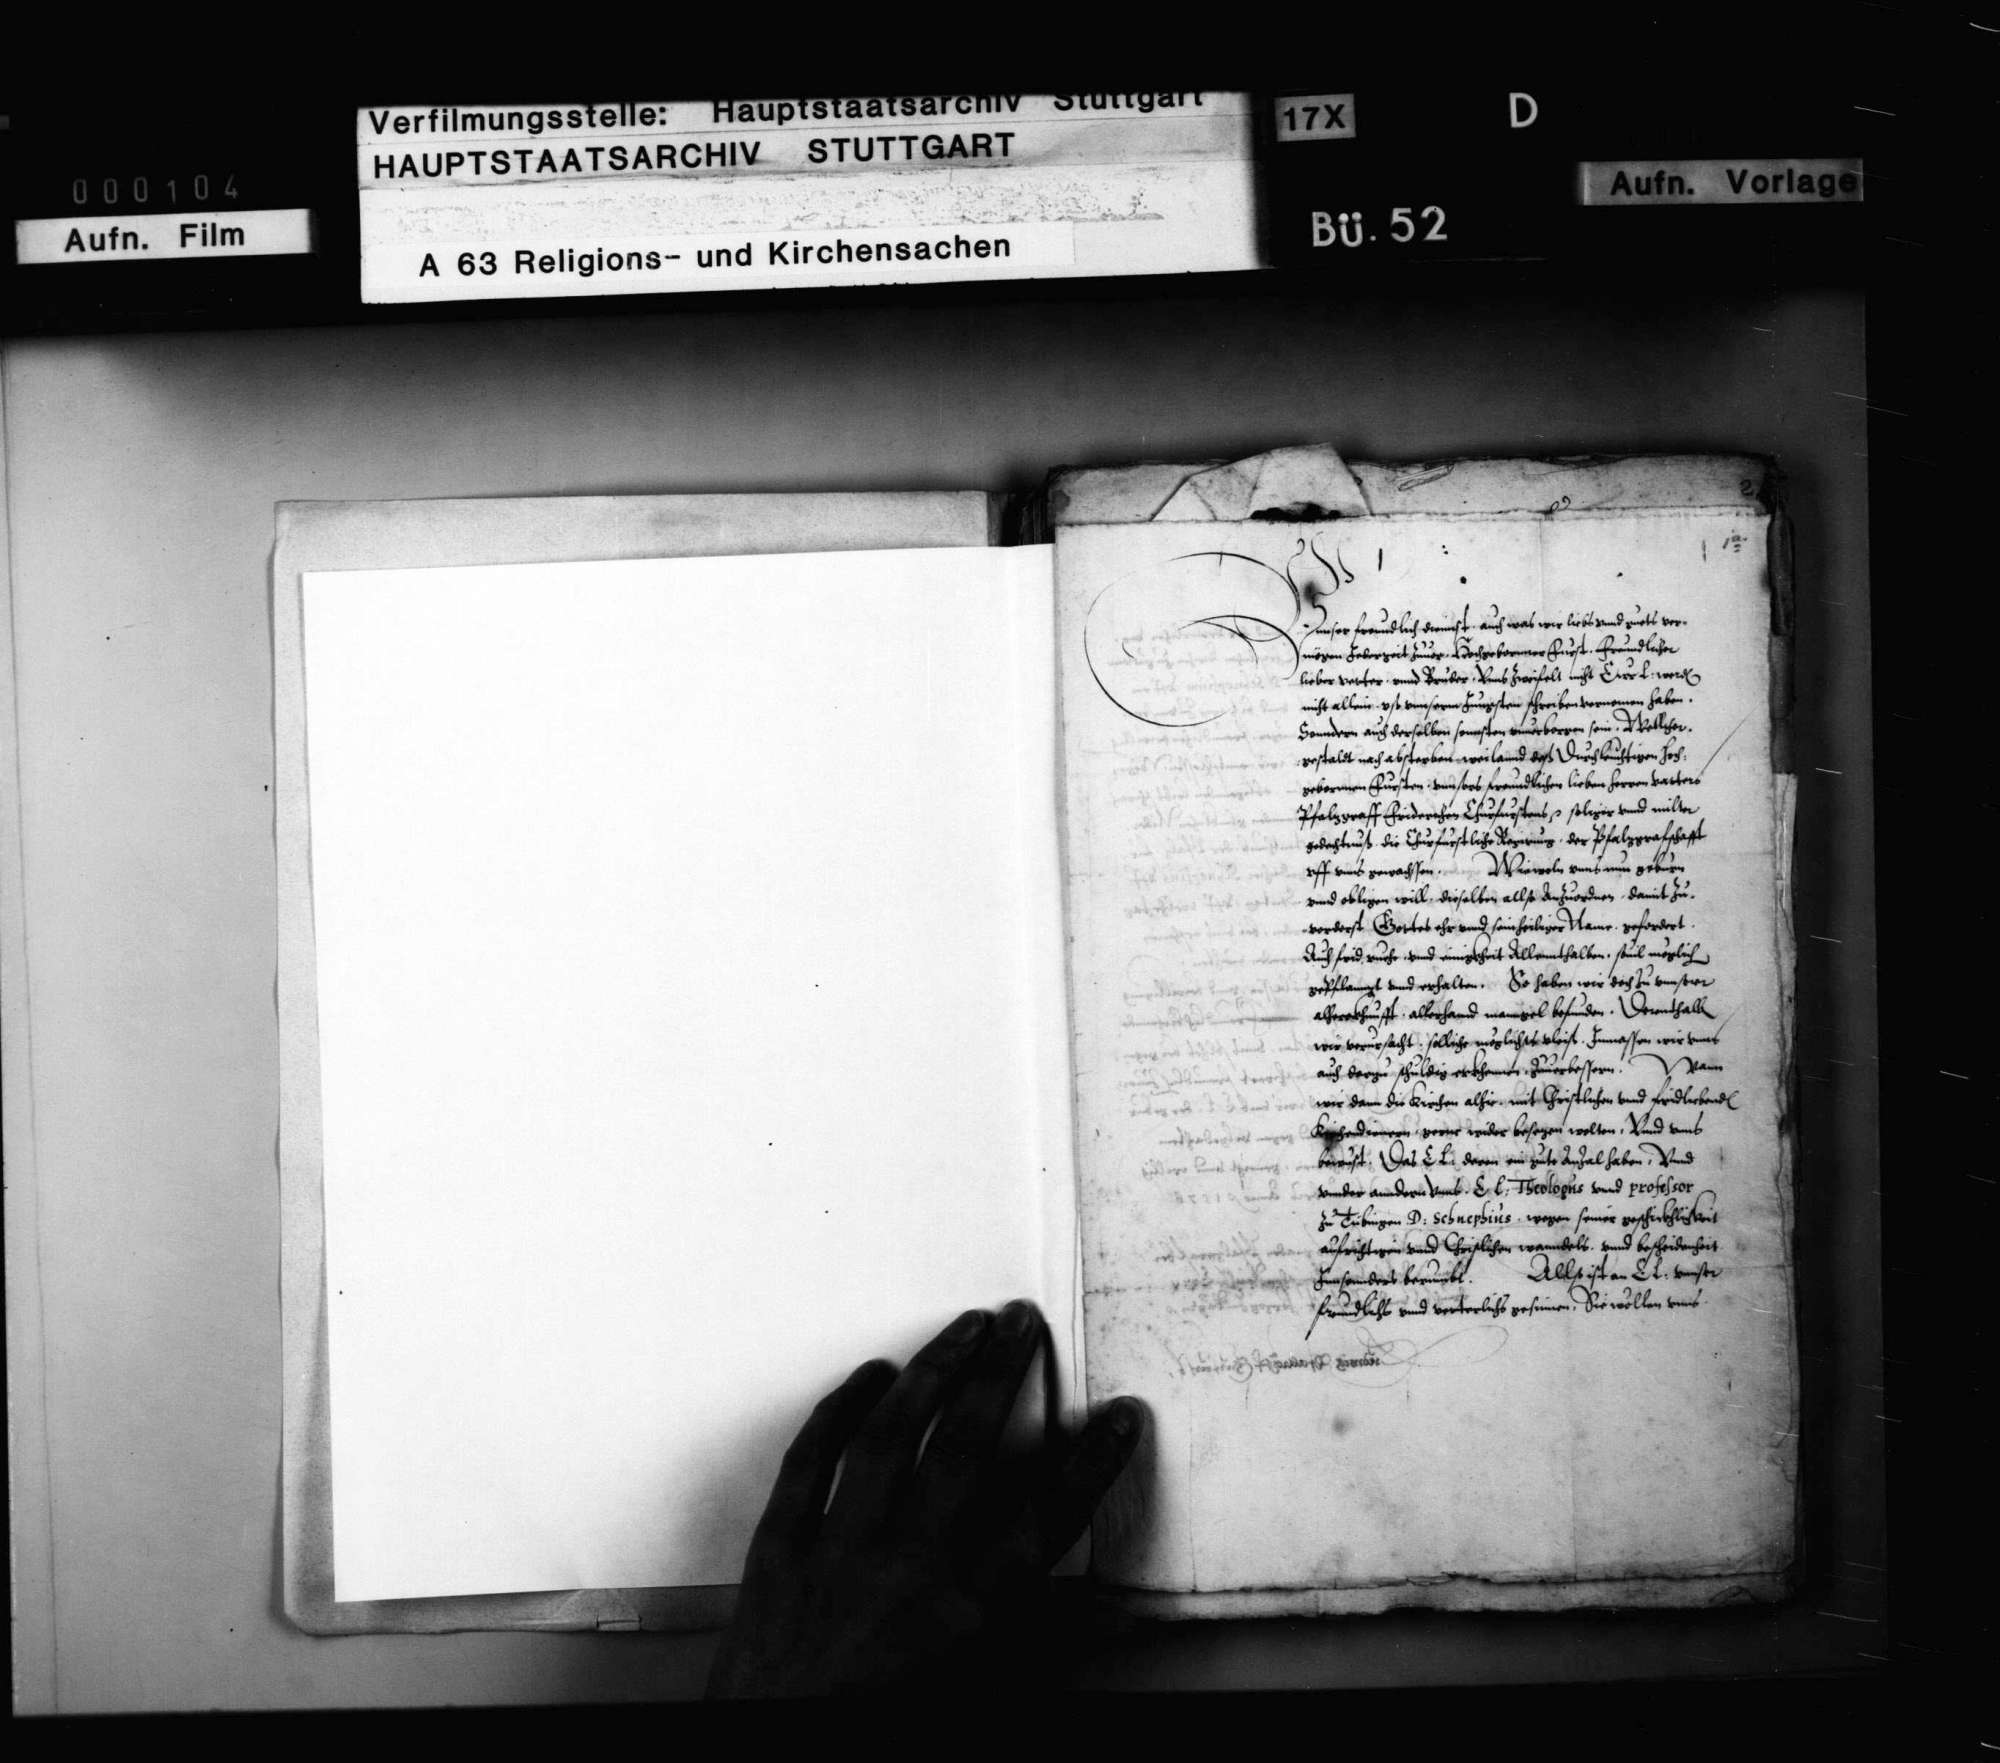 Schriften, betreffend die Überlassung württembergischer Theologen an Kurfürst Ludwig zur Beseitigung des Calvanismus in der Pfalz mit ausführlichem Bericht B. Bidembachs., Bild 2